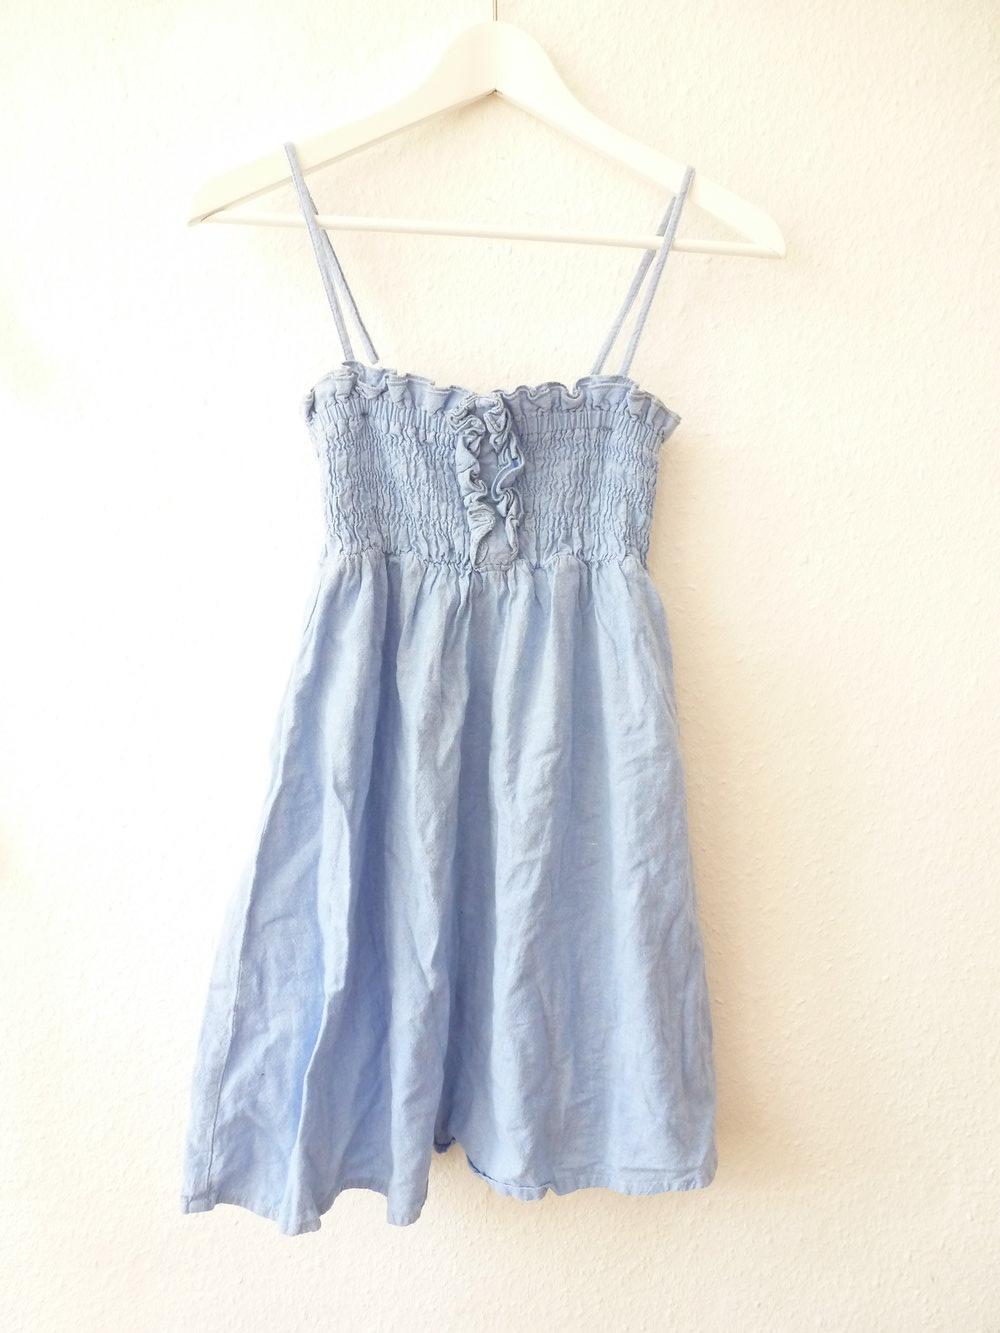 Primark Jeanskleid Jeans Kleid blau Spaghettiträger 34 ...